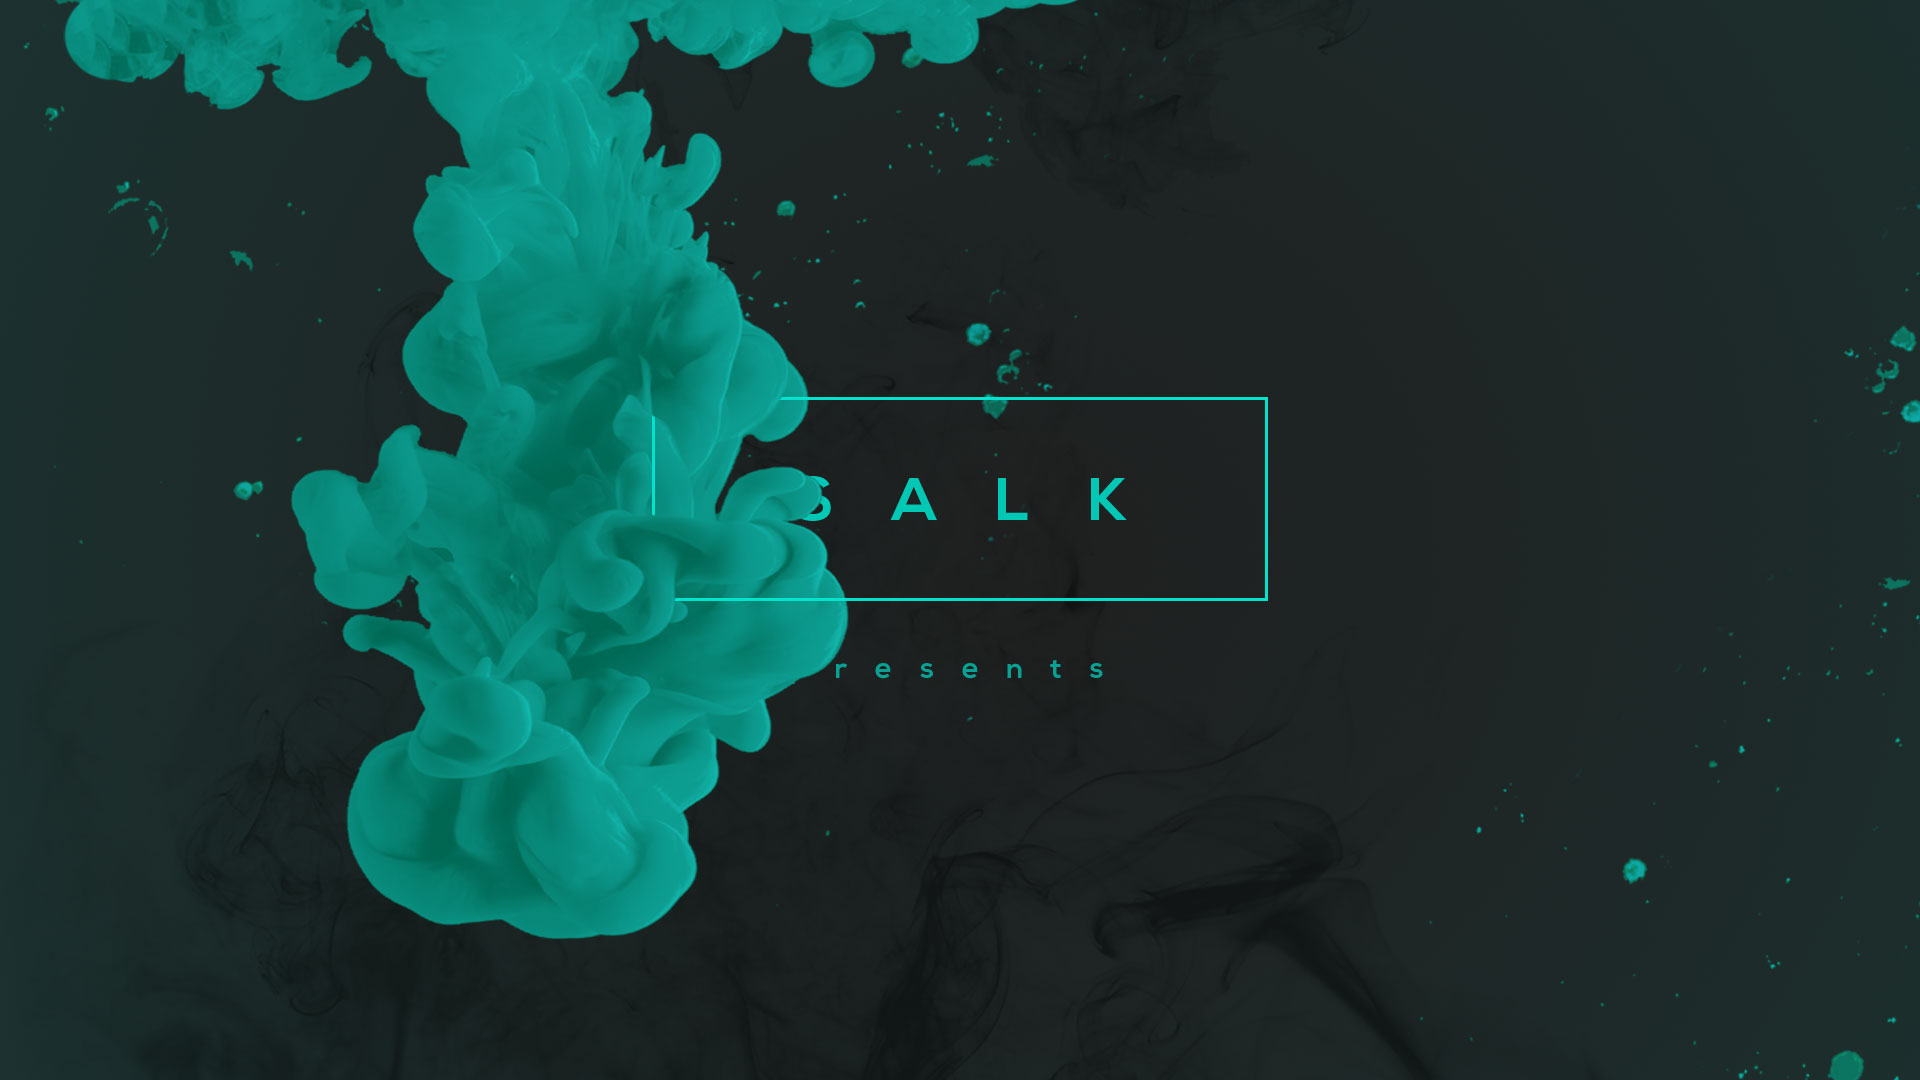 SALK_05